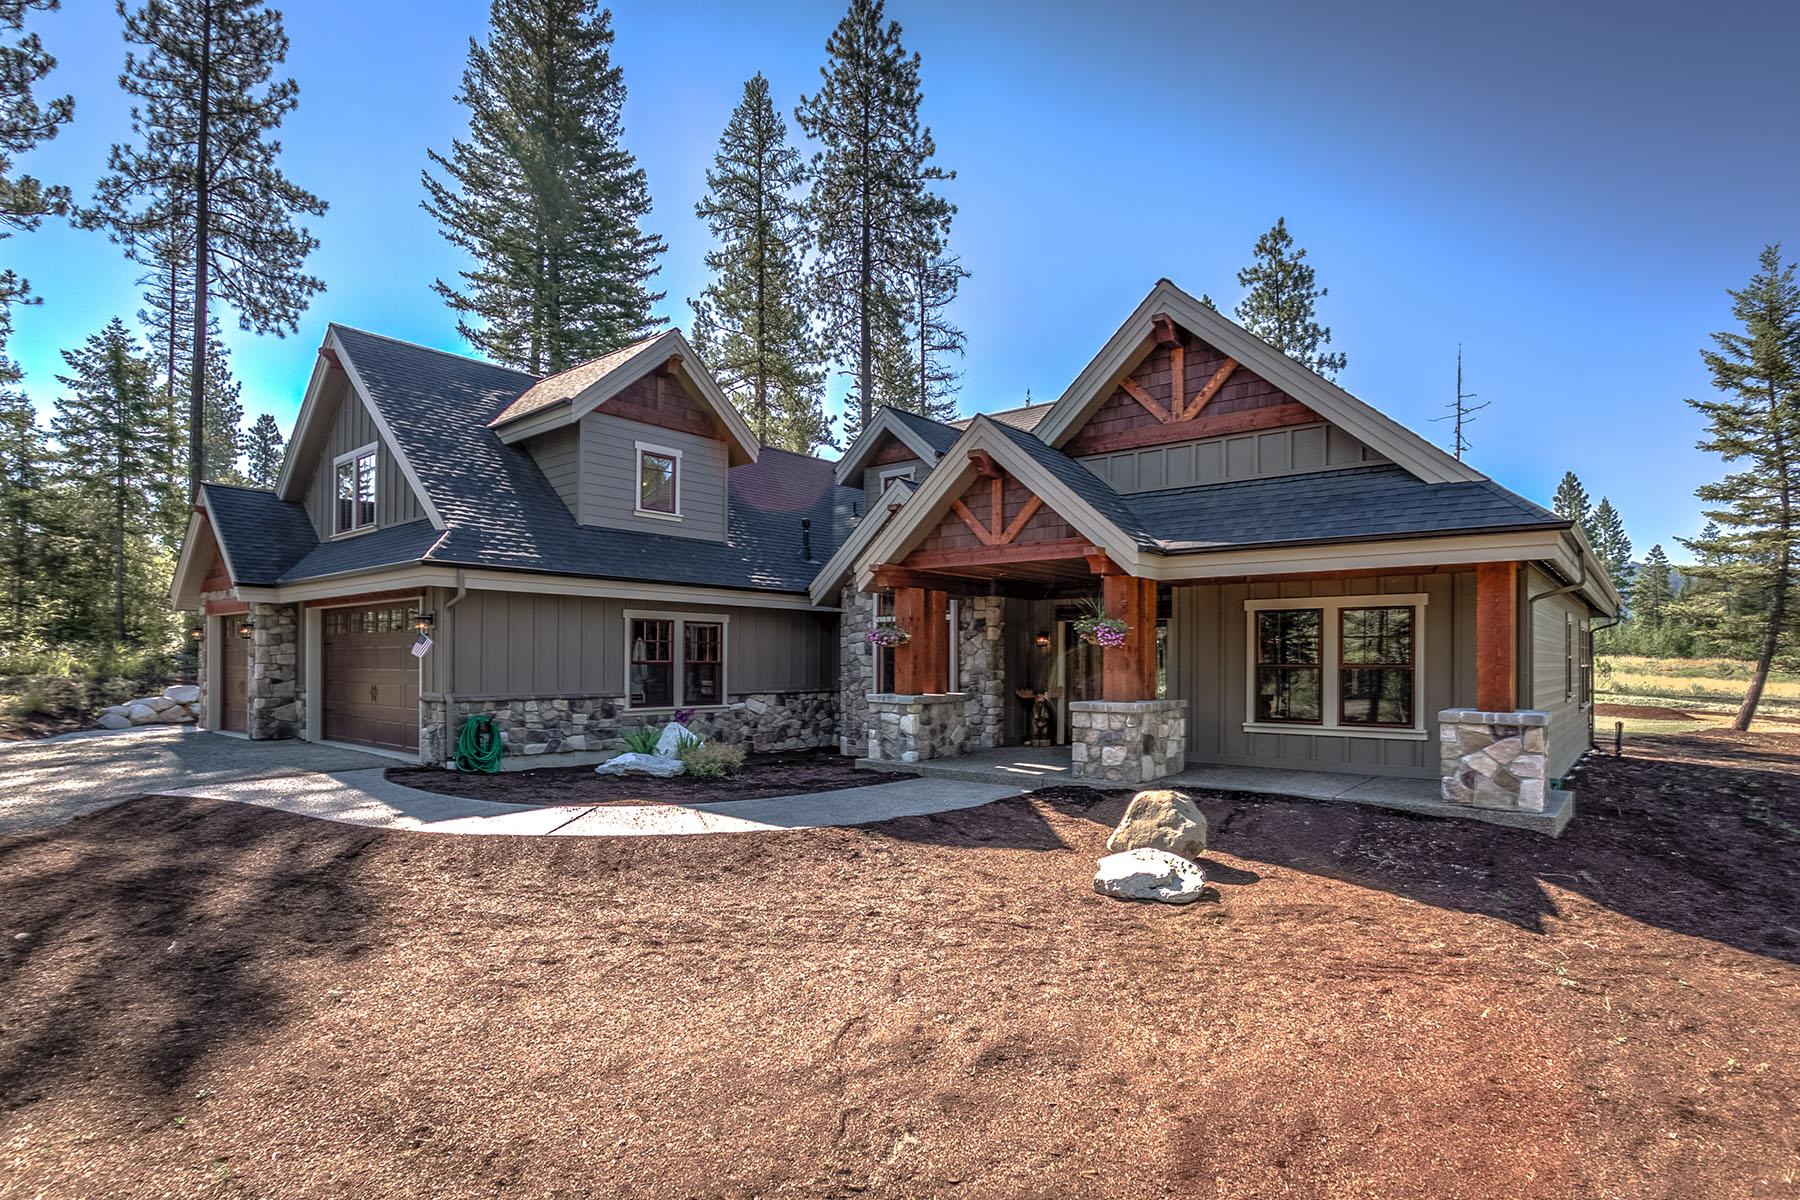 Casa Unifamiliar por un Venta en Saddle Ridge Home 340 Gallop Cir Sagle, Idaho, 83860 Estados Unidos